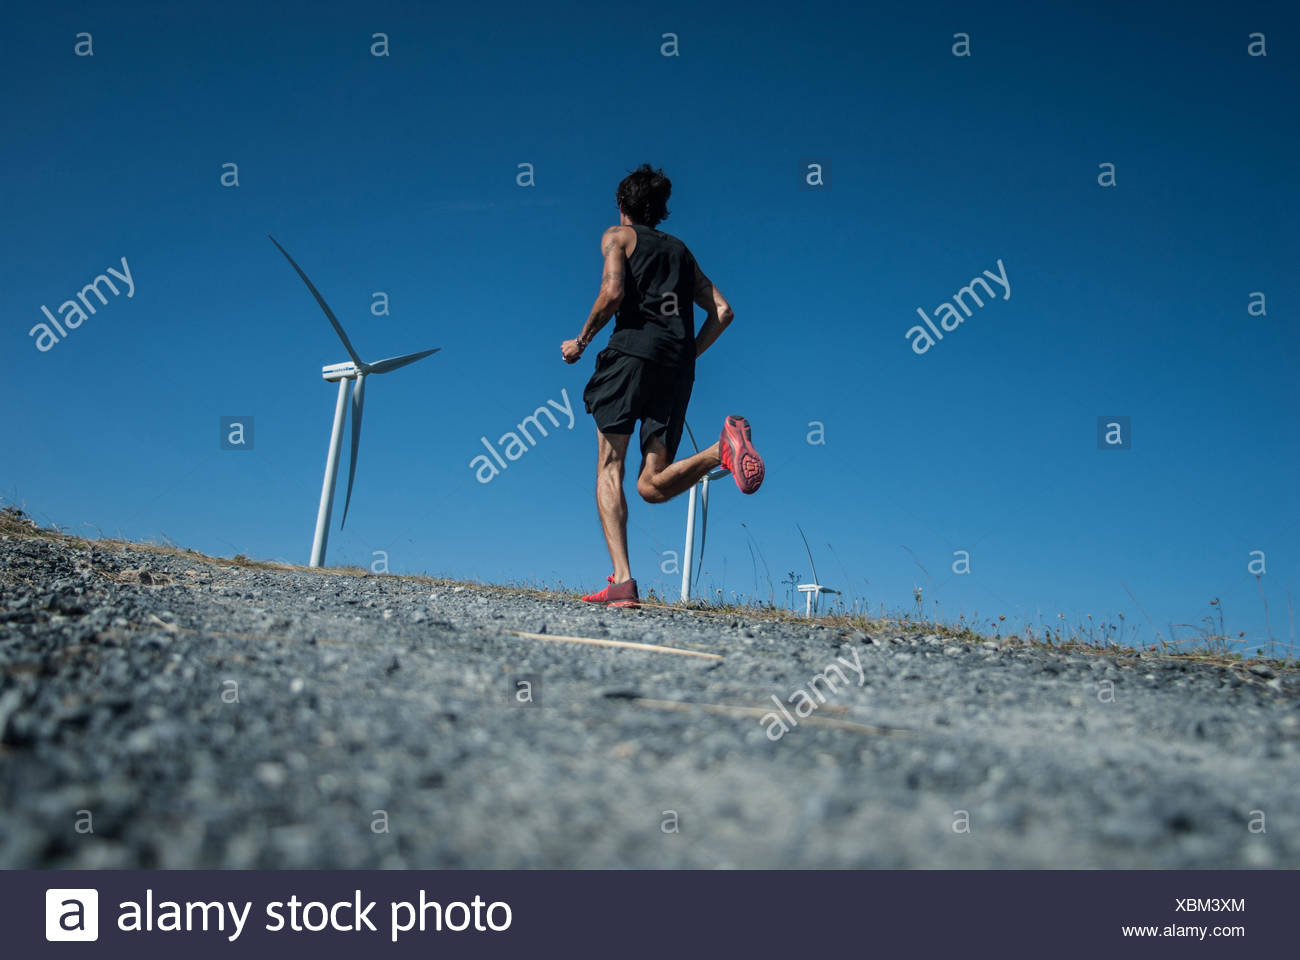 Mid adult man jogging jusqu'à une colline vers les éoliennes Photo Stock